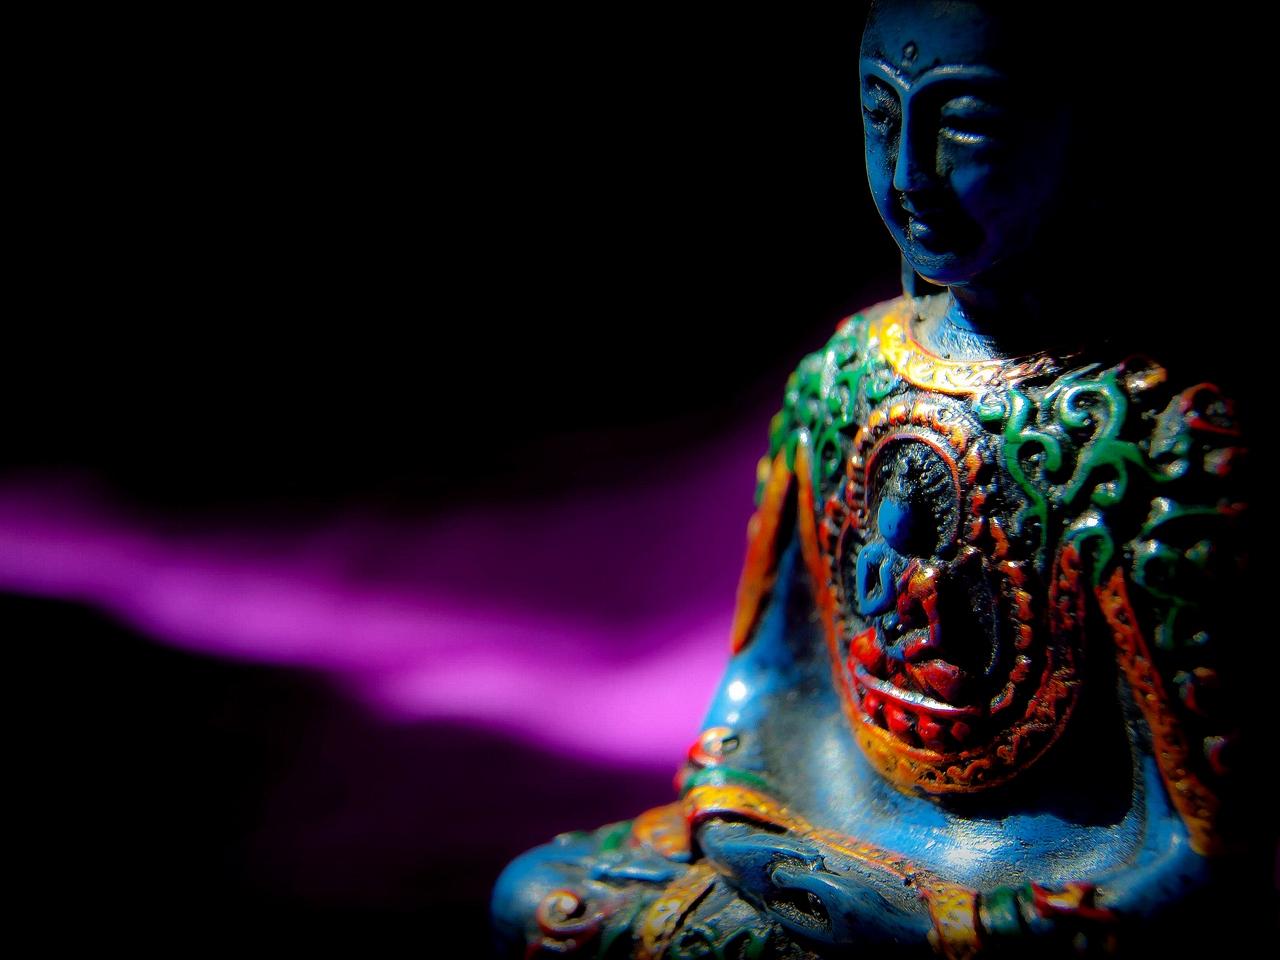 Schwarz Buddha Tapete Hd 1280x960 Hintergrundbild 1280x960 Wallpapertip